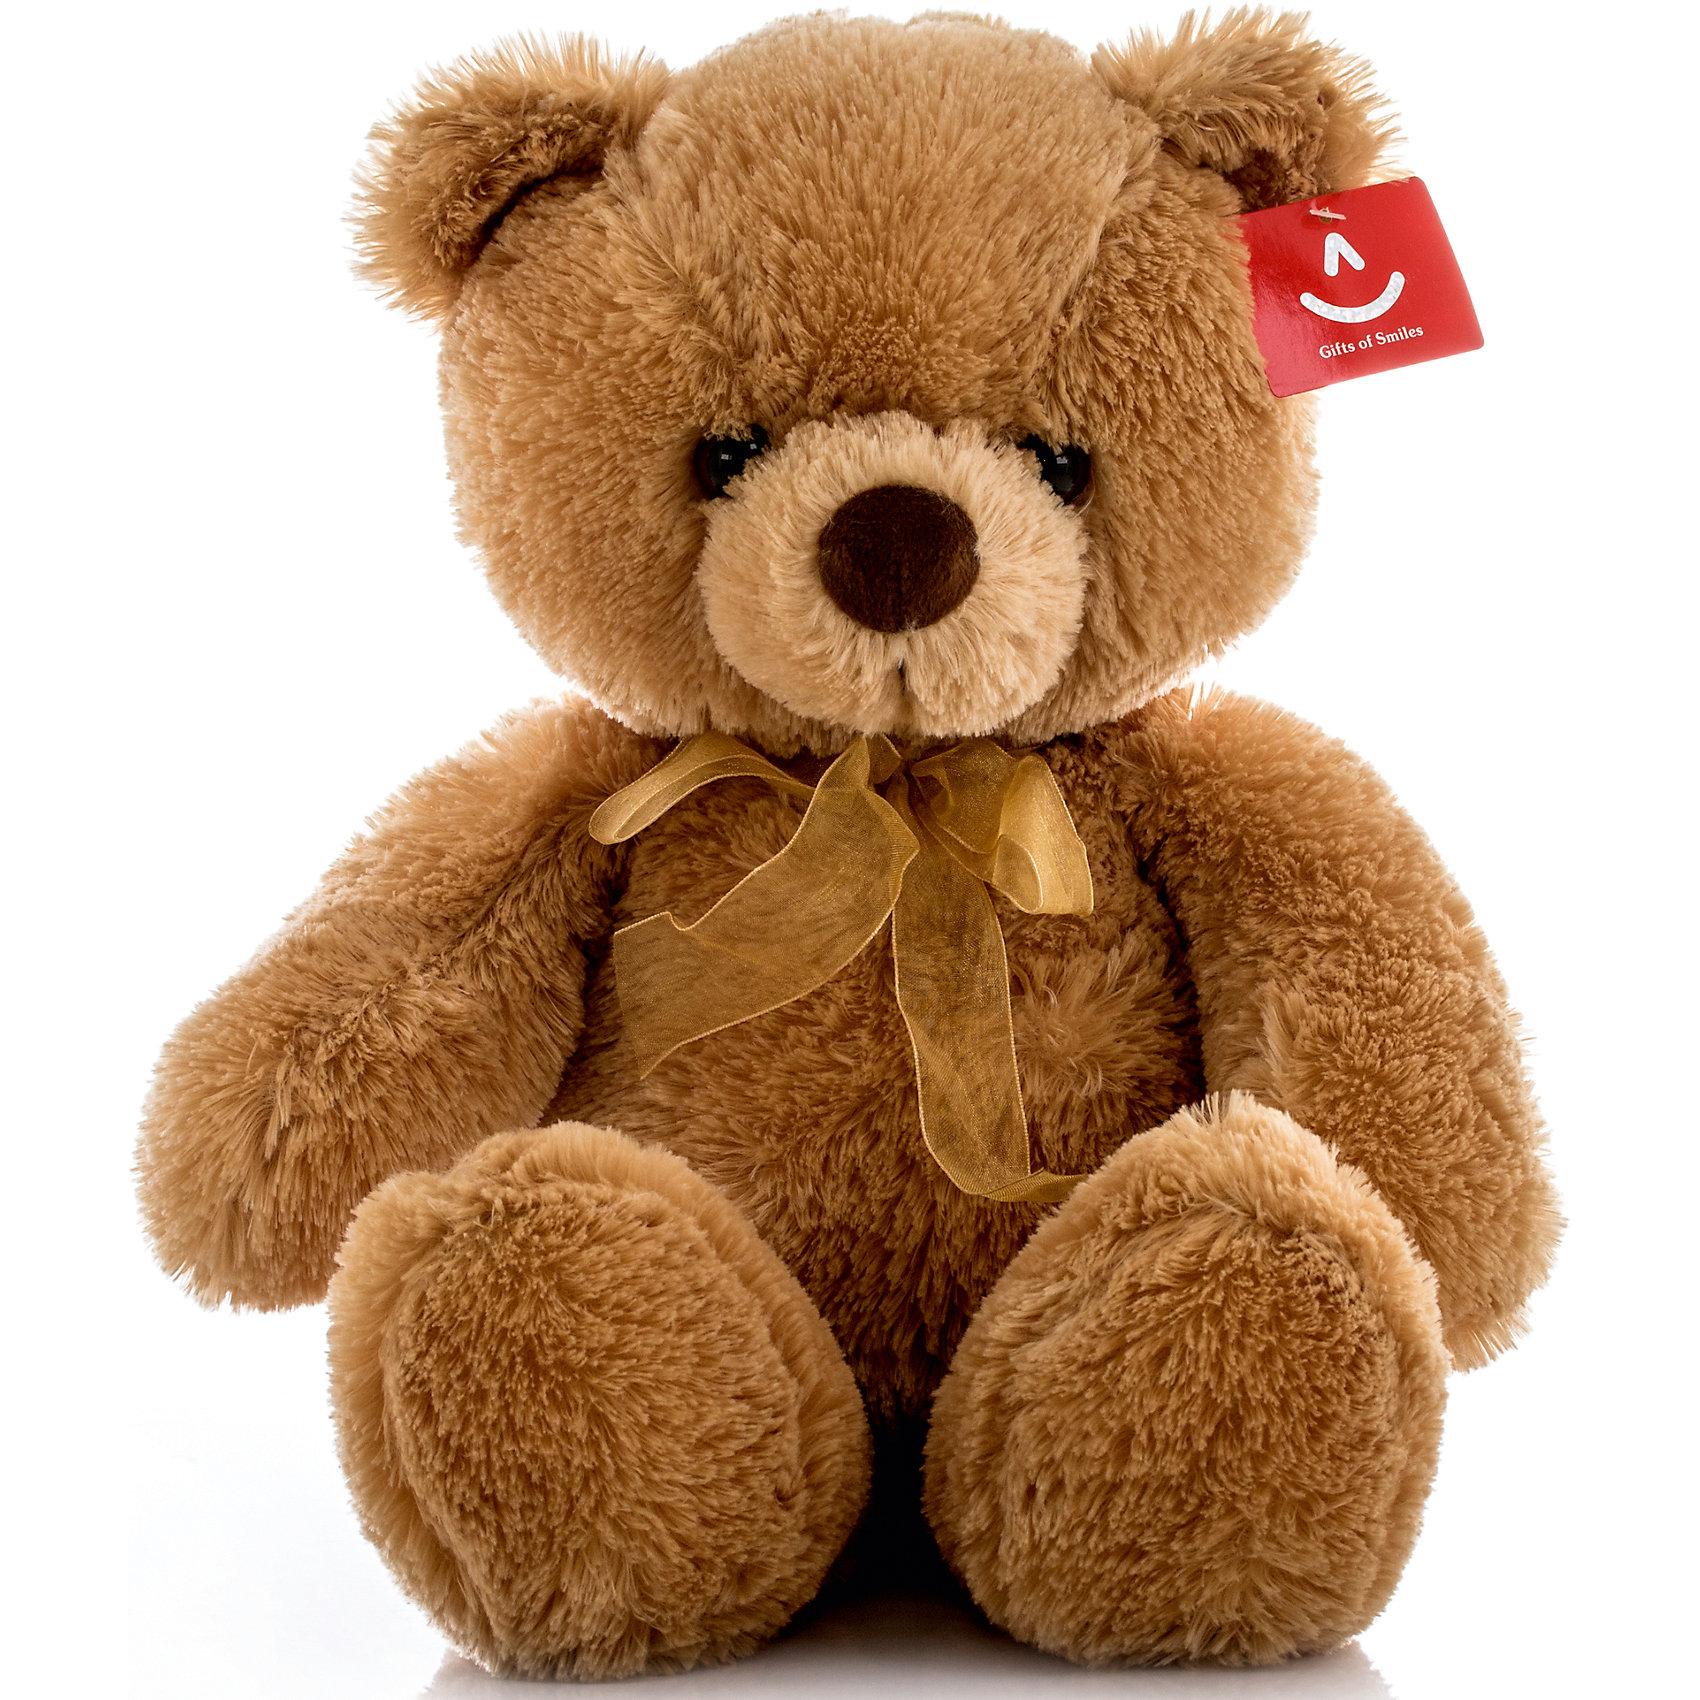 Мягкая игрушка Медведь, 46 см, AURORAМилый плюшевый мишка станет любимой игрушкой Вашего ребенка, ведь он невероятно мягкий и красивый, а еще его можно брать везде с собой!<br><br>Дополнительная информация:<br><br>- Возраст: от 3 лет.<br>- Материал: 100% плюш.<br>- Цвет: коричневый.<br>- Высота игрушки: 46 см.<br><br>Купить игрушку Медведя можно в нашем магазине.<br><br>Ширина мм: 150<br>Глубина мм: 190<br>Высота мм: 200<br>Вес г: 440<br>Возраст от месяцев: 36<br>Возраст до месяцев: 120<br>Пол: Унисекс<br>Возраст: Детский<br>SKU: 4929023